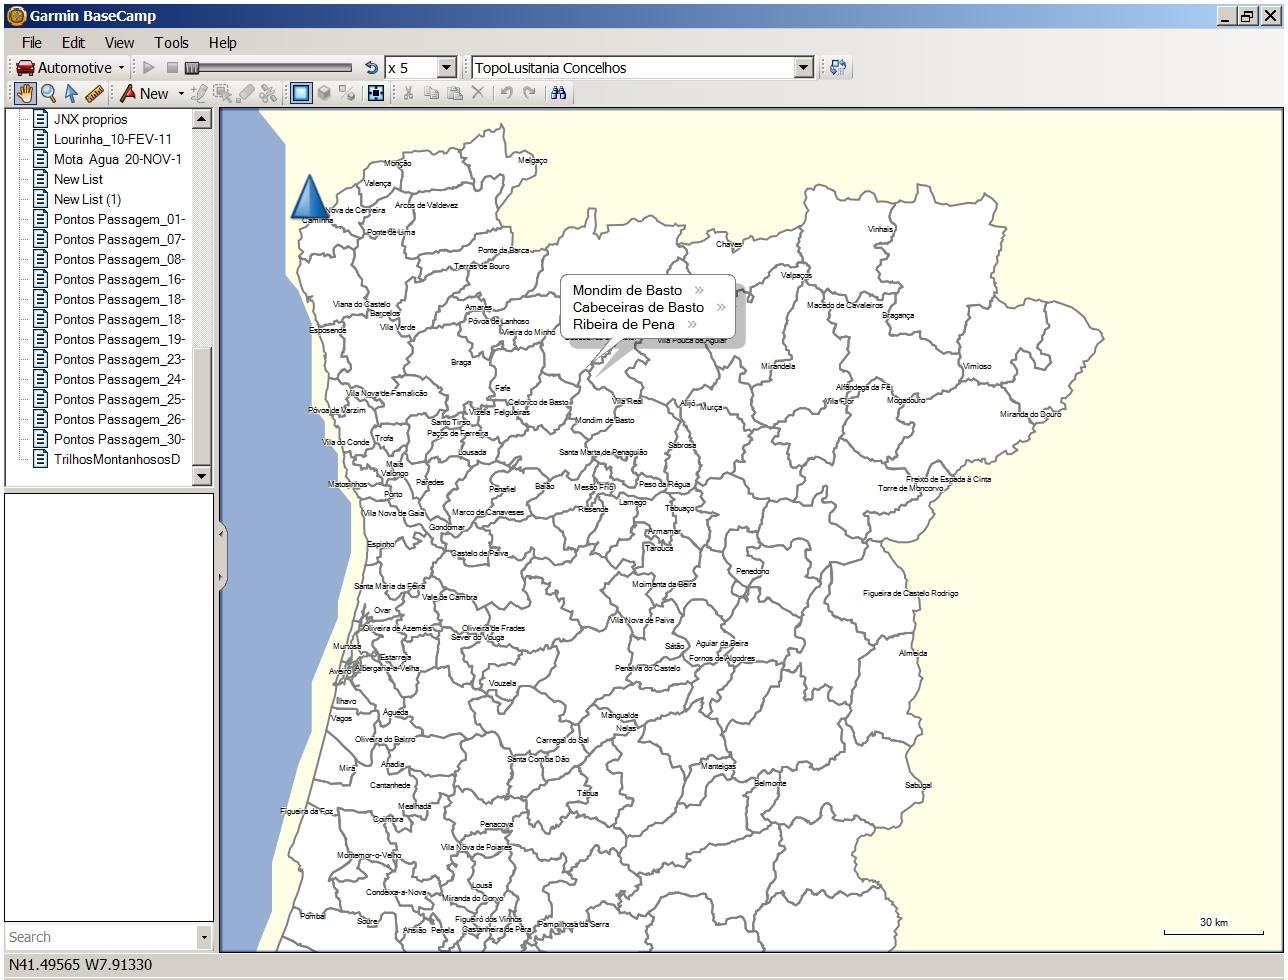 mapa de portugal continental com concelhos TopoLusitania   Mapa Topográfico de Portugal para GPS em formato  mapa de portugal continental com concelhos